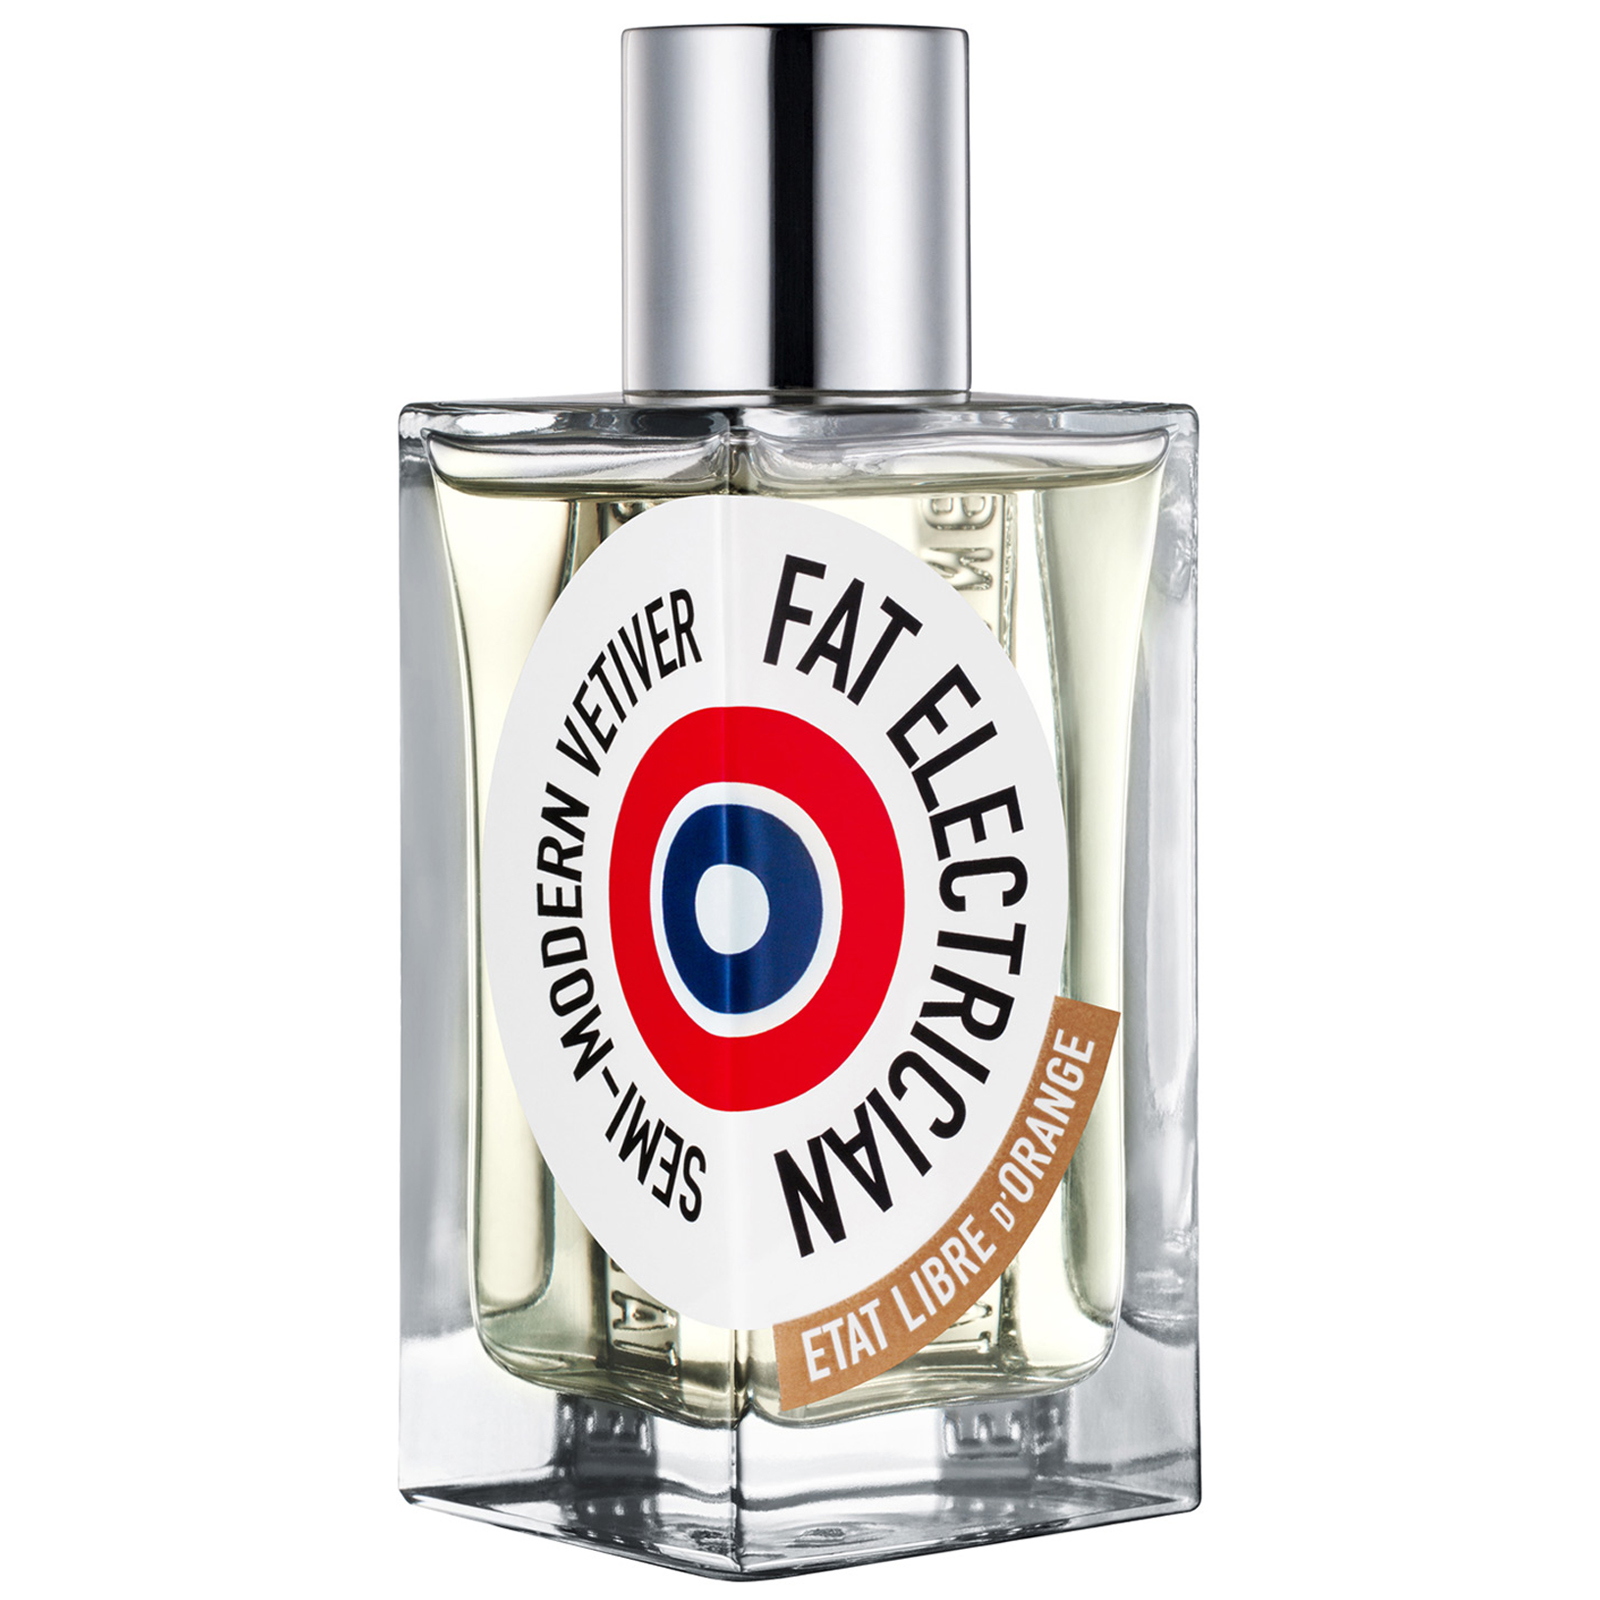 ETAT LIBRE D'ORANGE Fat Electrician Perfume Eau De Parfum 100 Ml in White